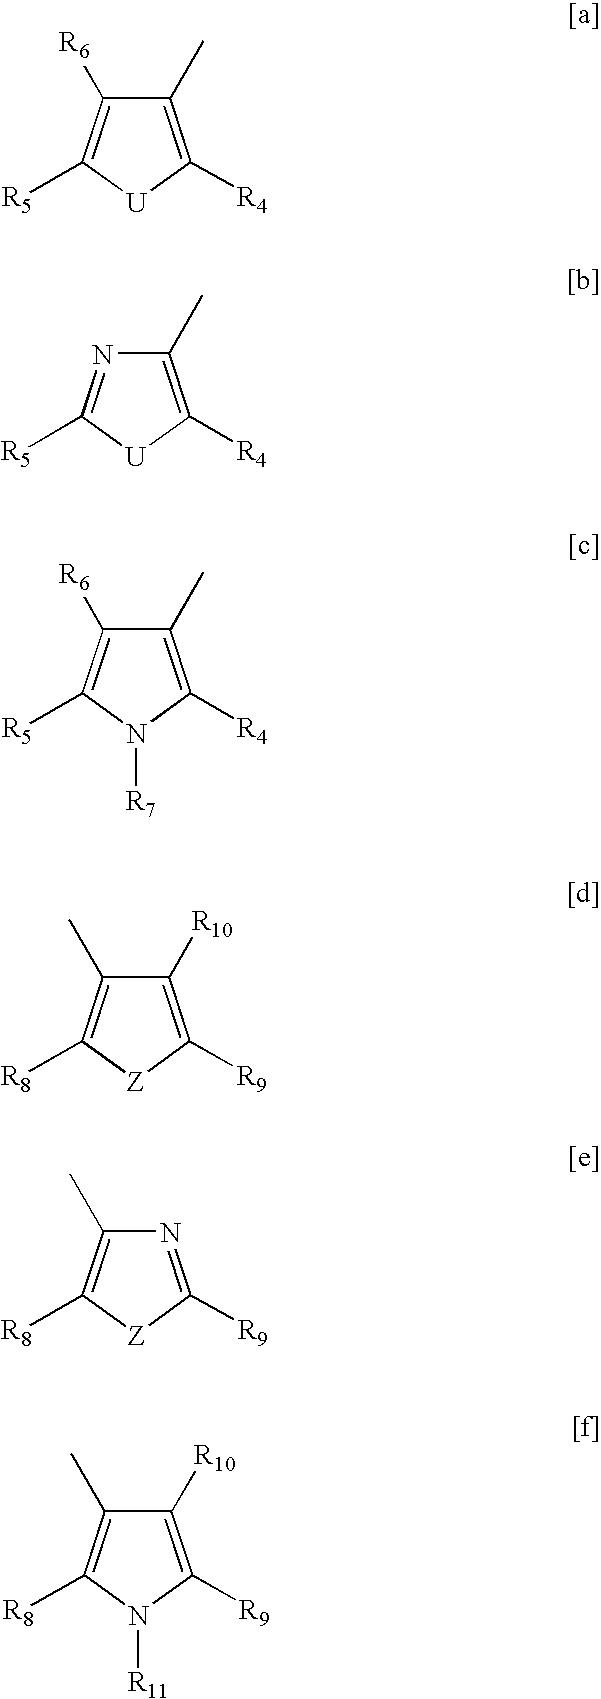 Figure US20080311494A1-20081218-C00018